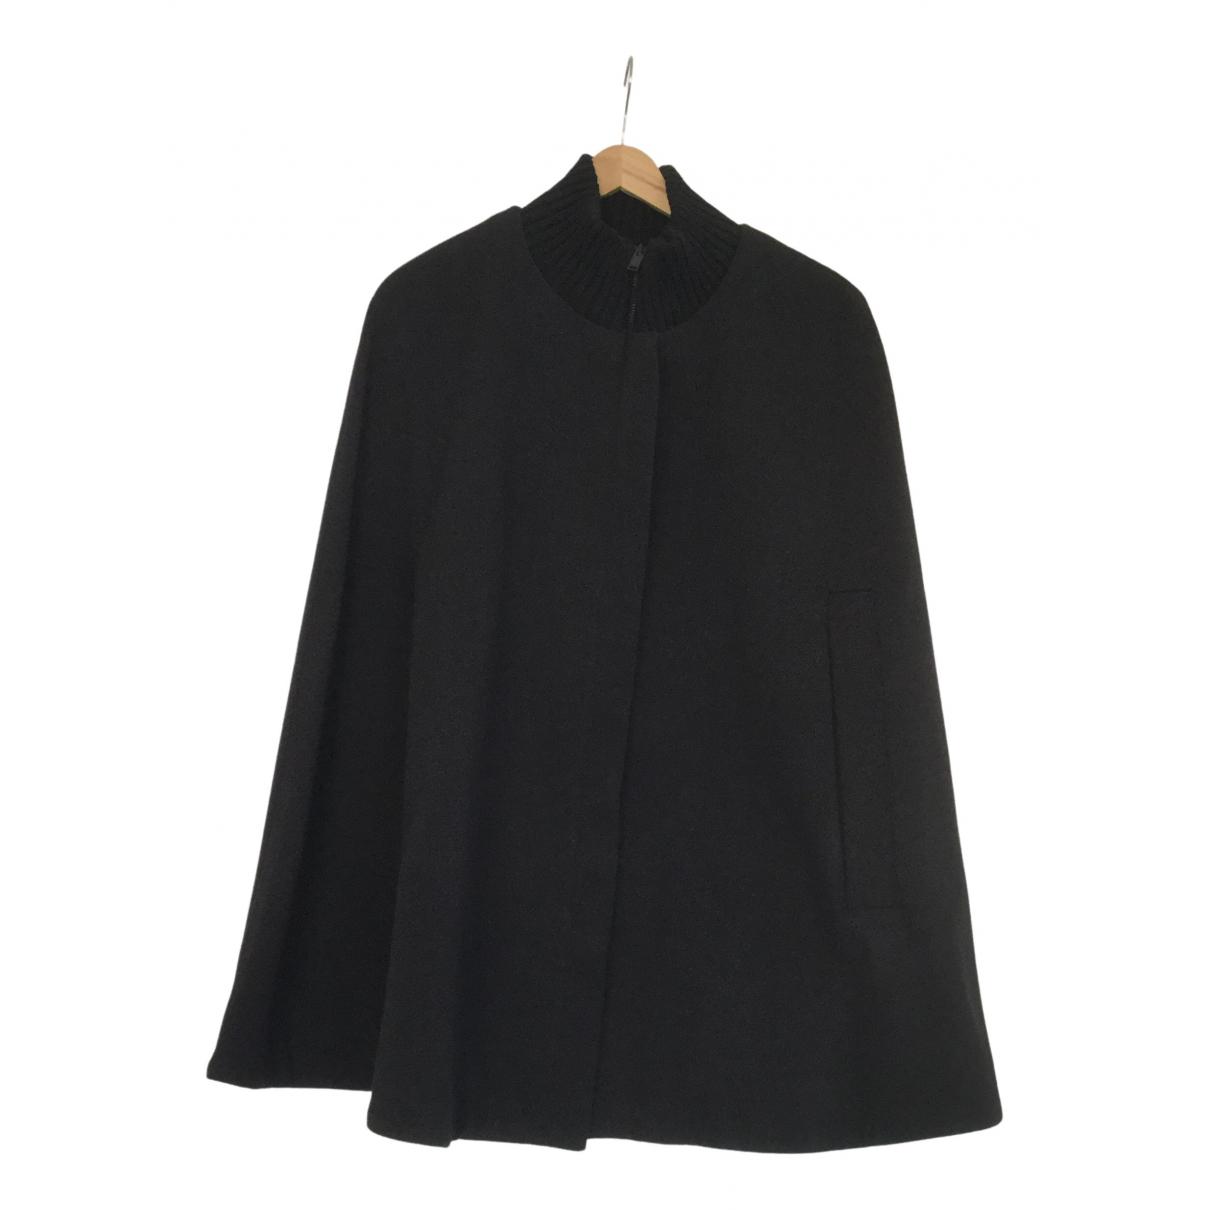 Cos - Veste   pour femme en laine - noir